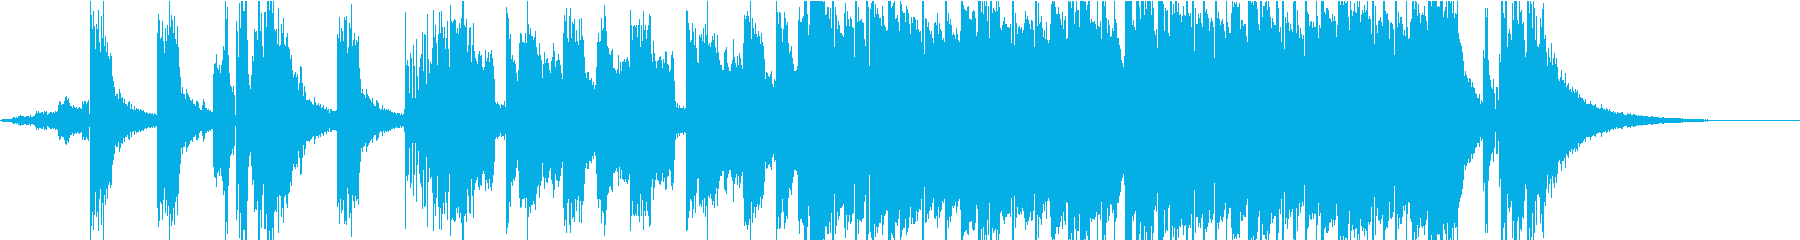 Kpop風な壮大バウンスビートの再生済みの波形